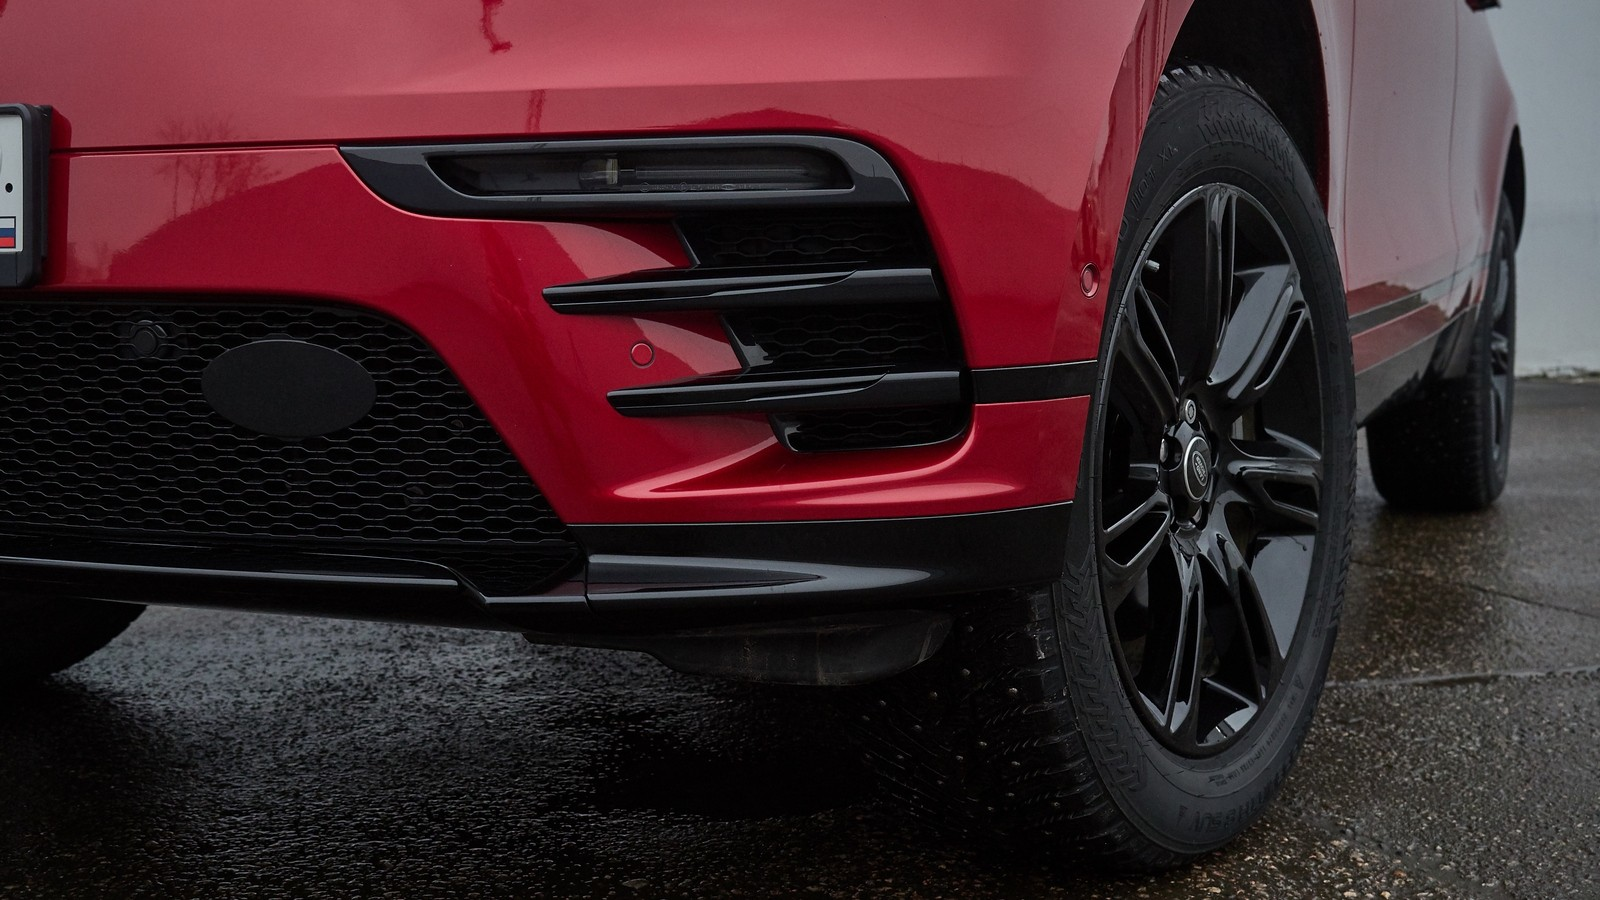 Range_Rover_Velar_051